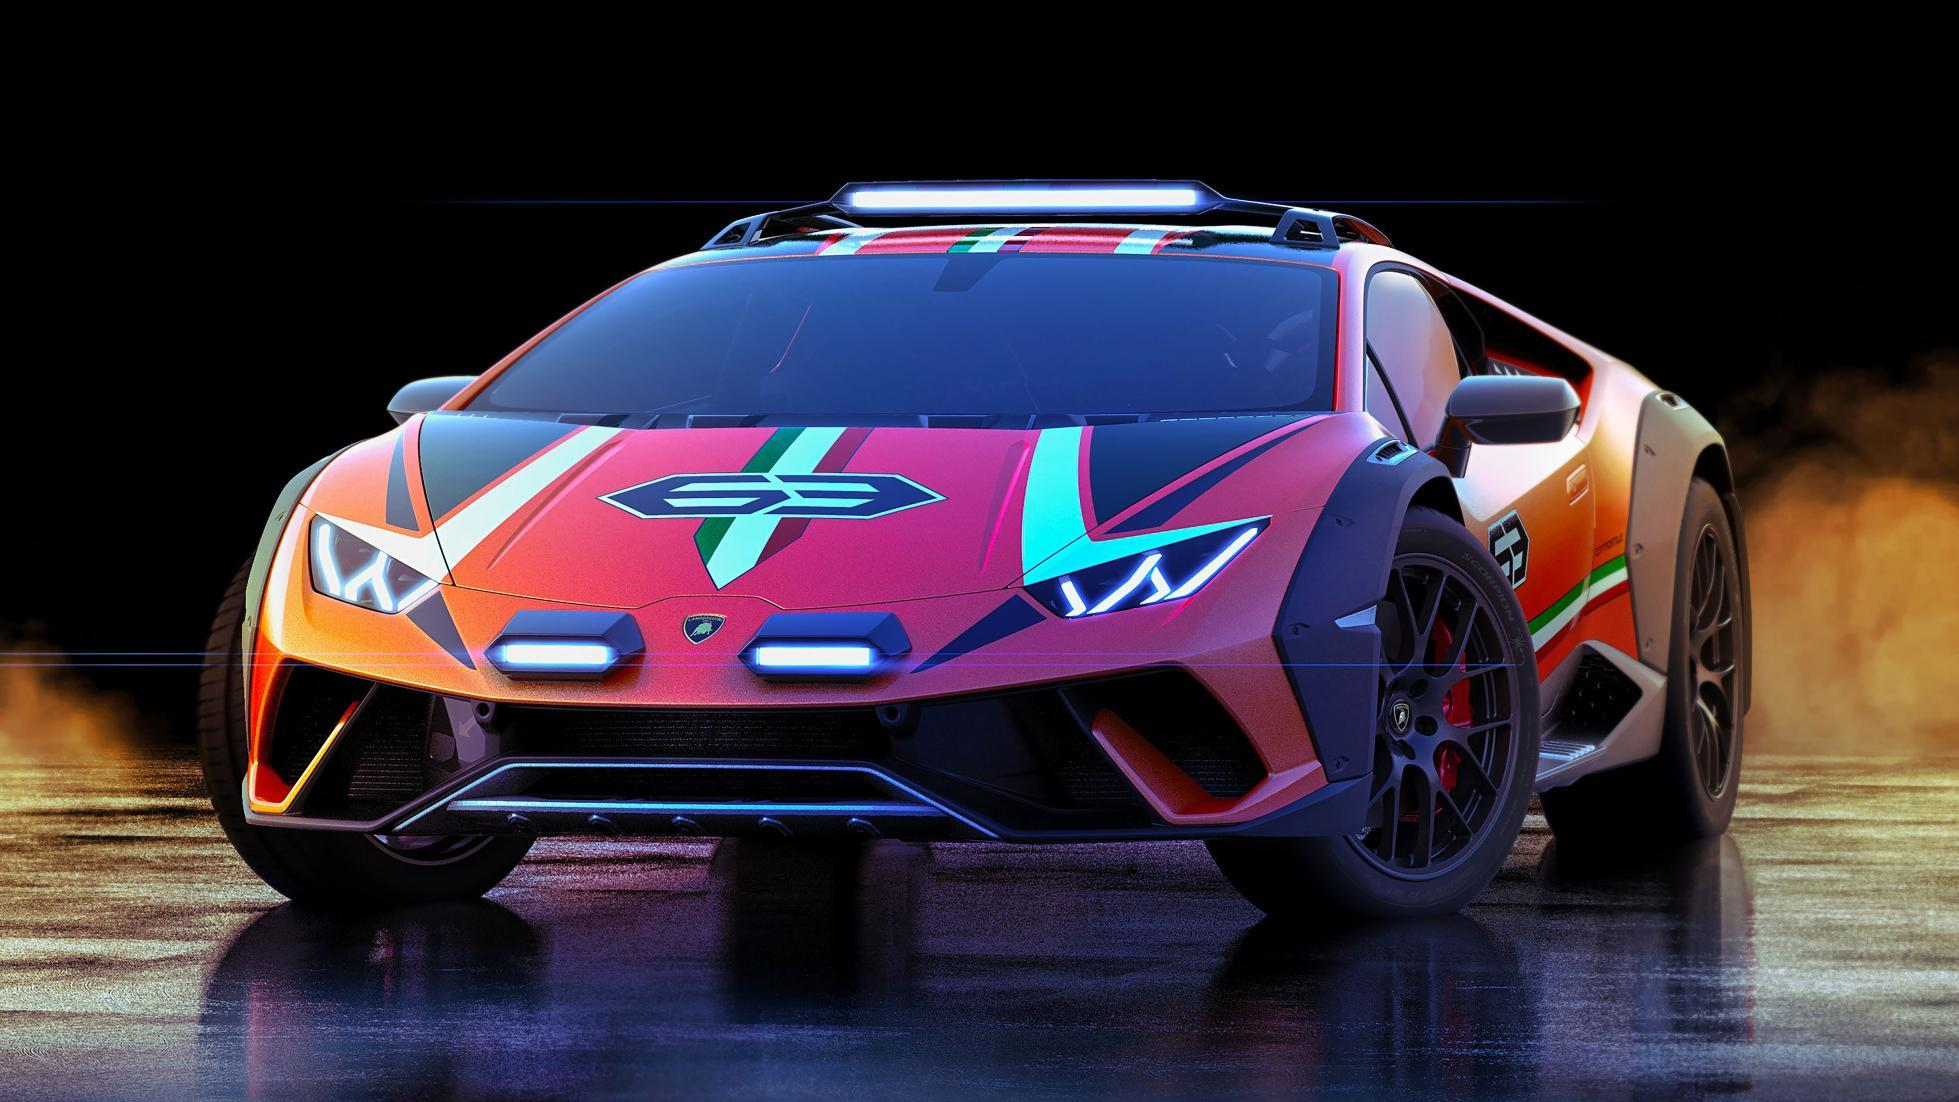 Hình ảnh xe Lamborghini địa hình